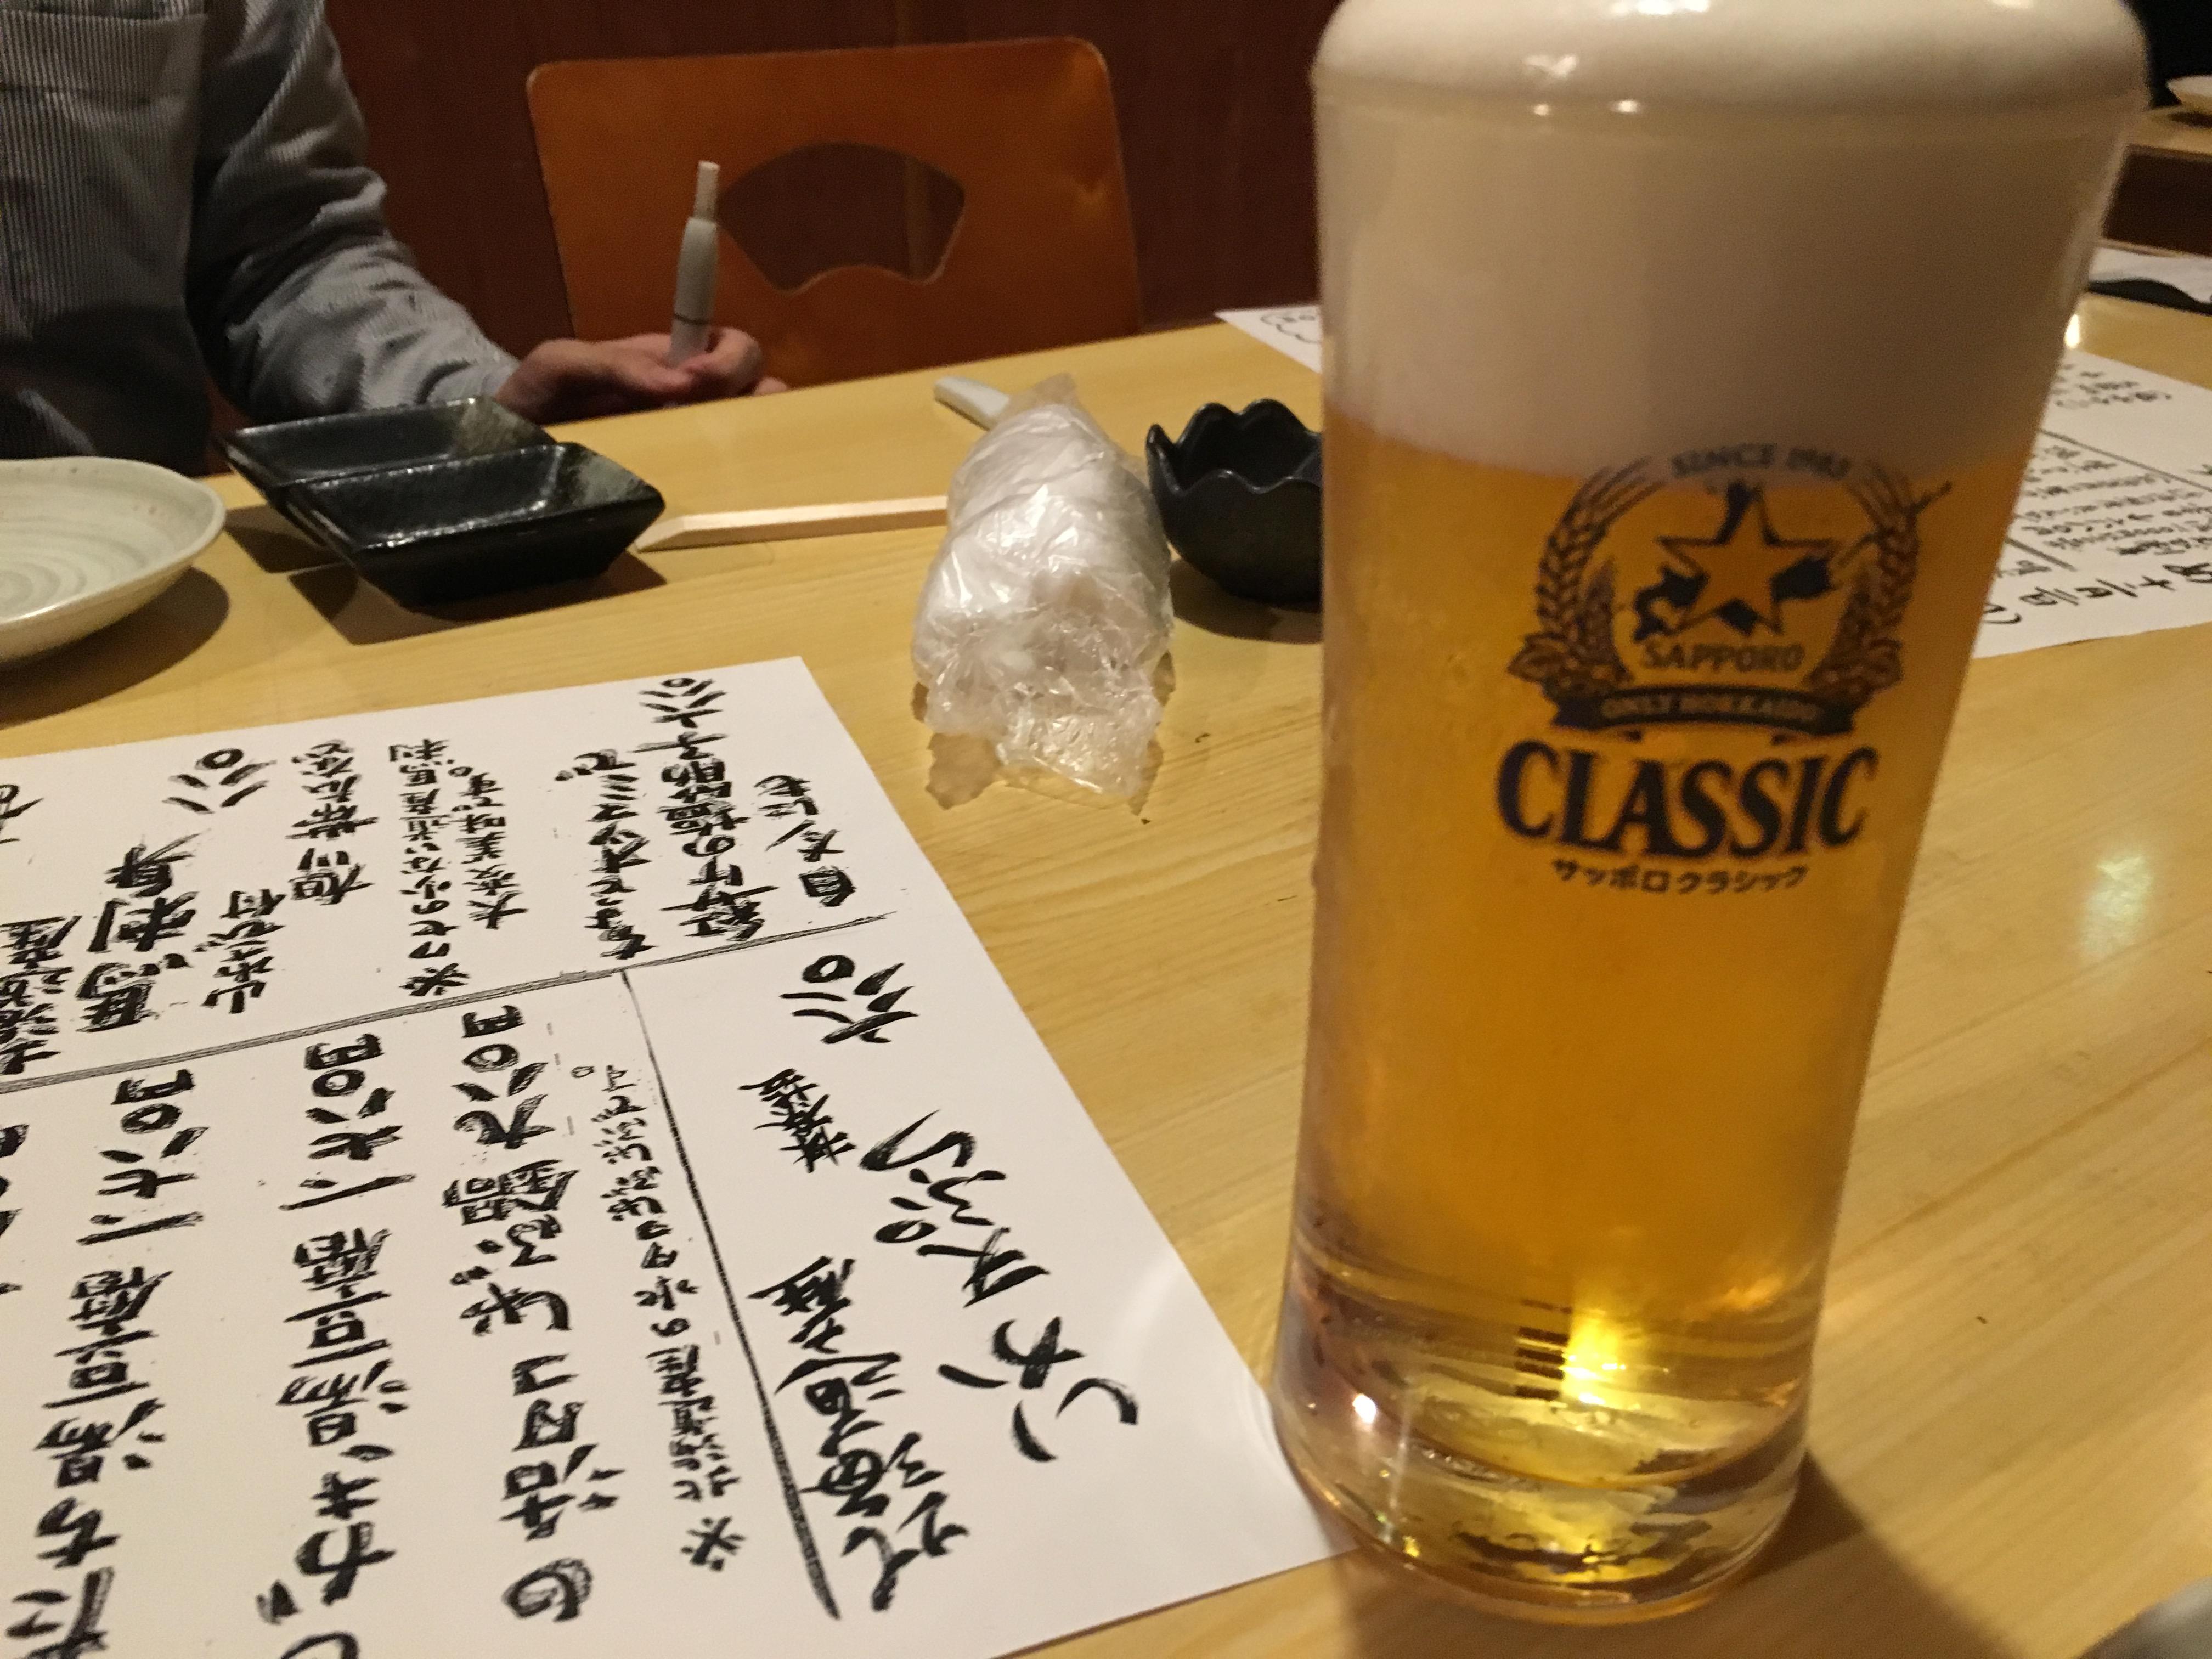 平成最後の平日をあなたはどう過ごしますか?